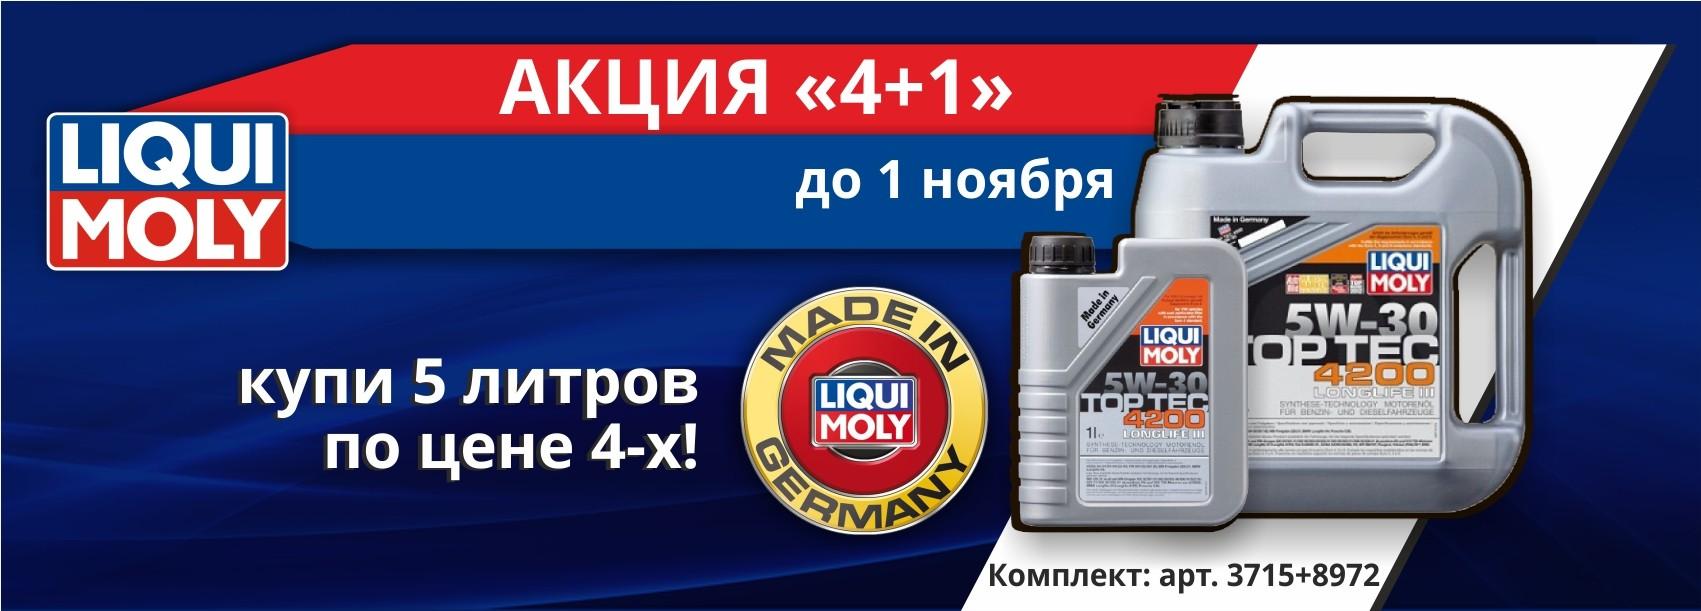 Акция '4+1' от легендарного бренда LIQUI MOLY